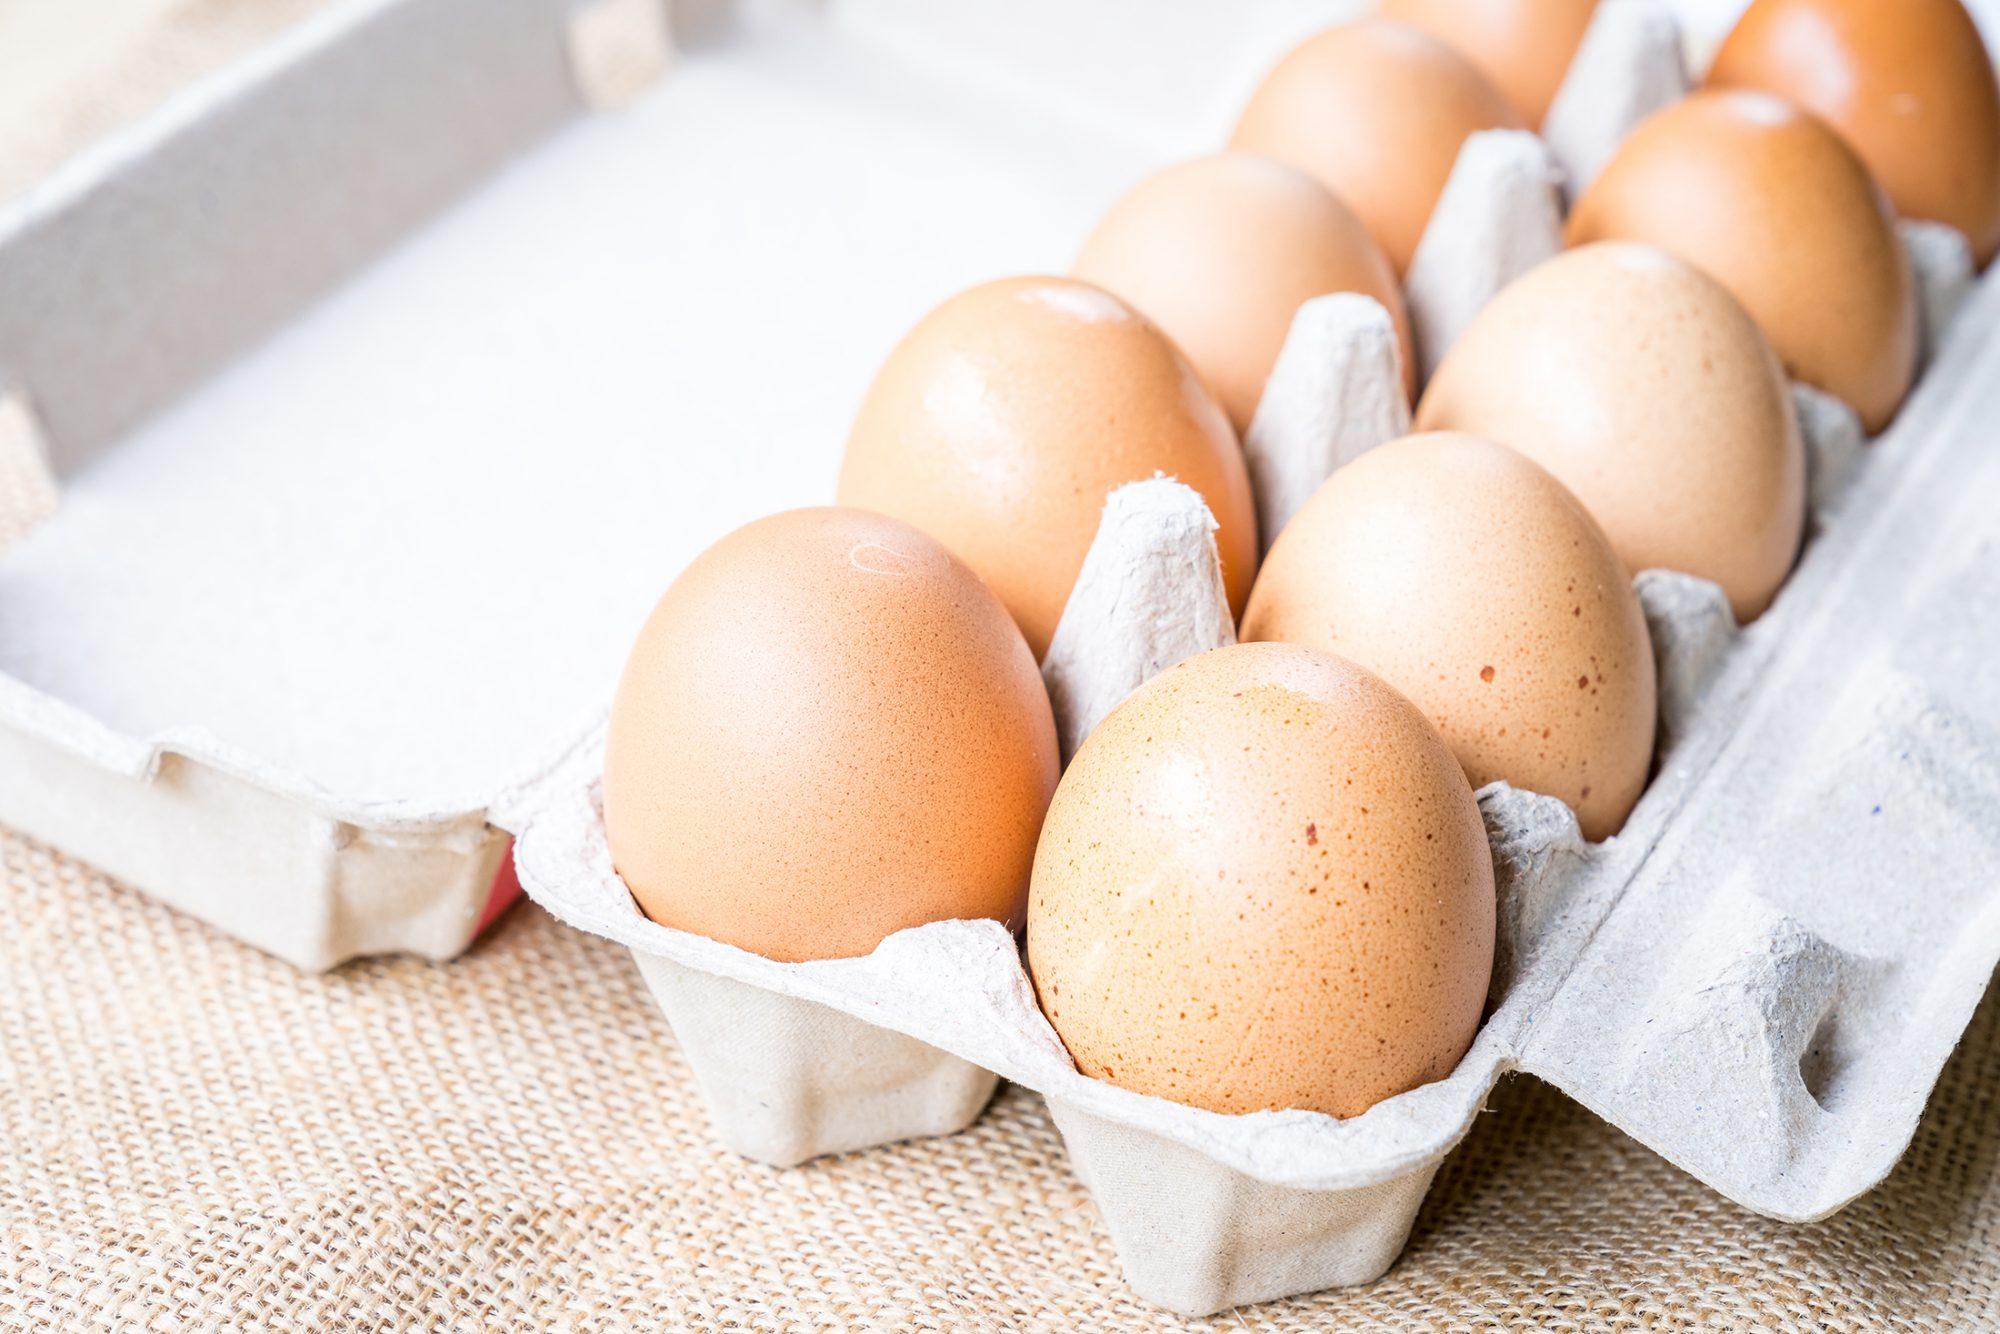 farm-eggs-1185416301.jpg